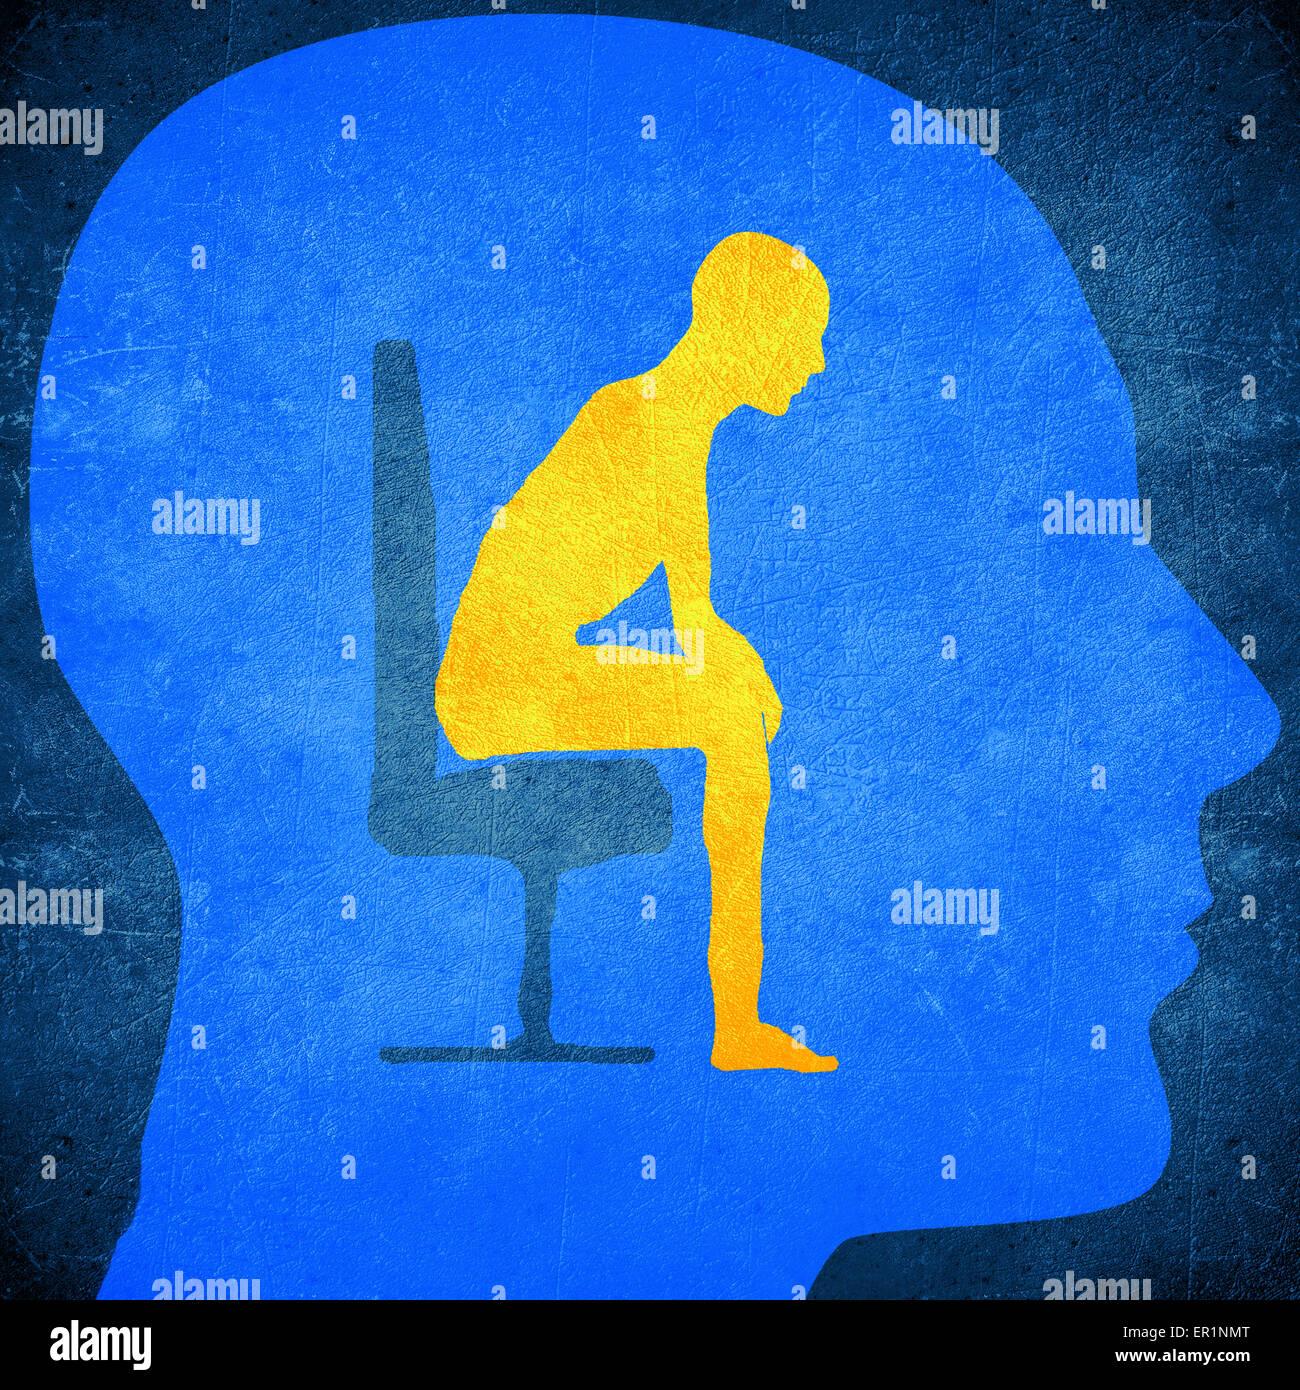 Tête humaine bleu silhouette avec un homme assis à l'intérieur concept psychologie Photo Stock